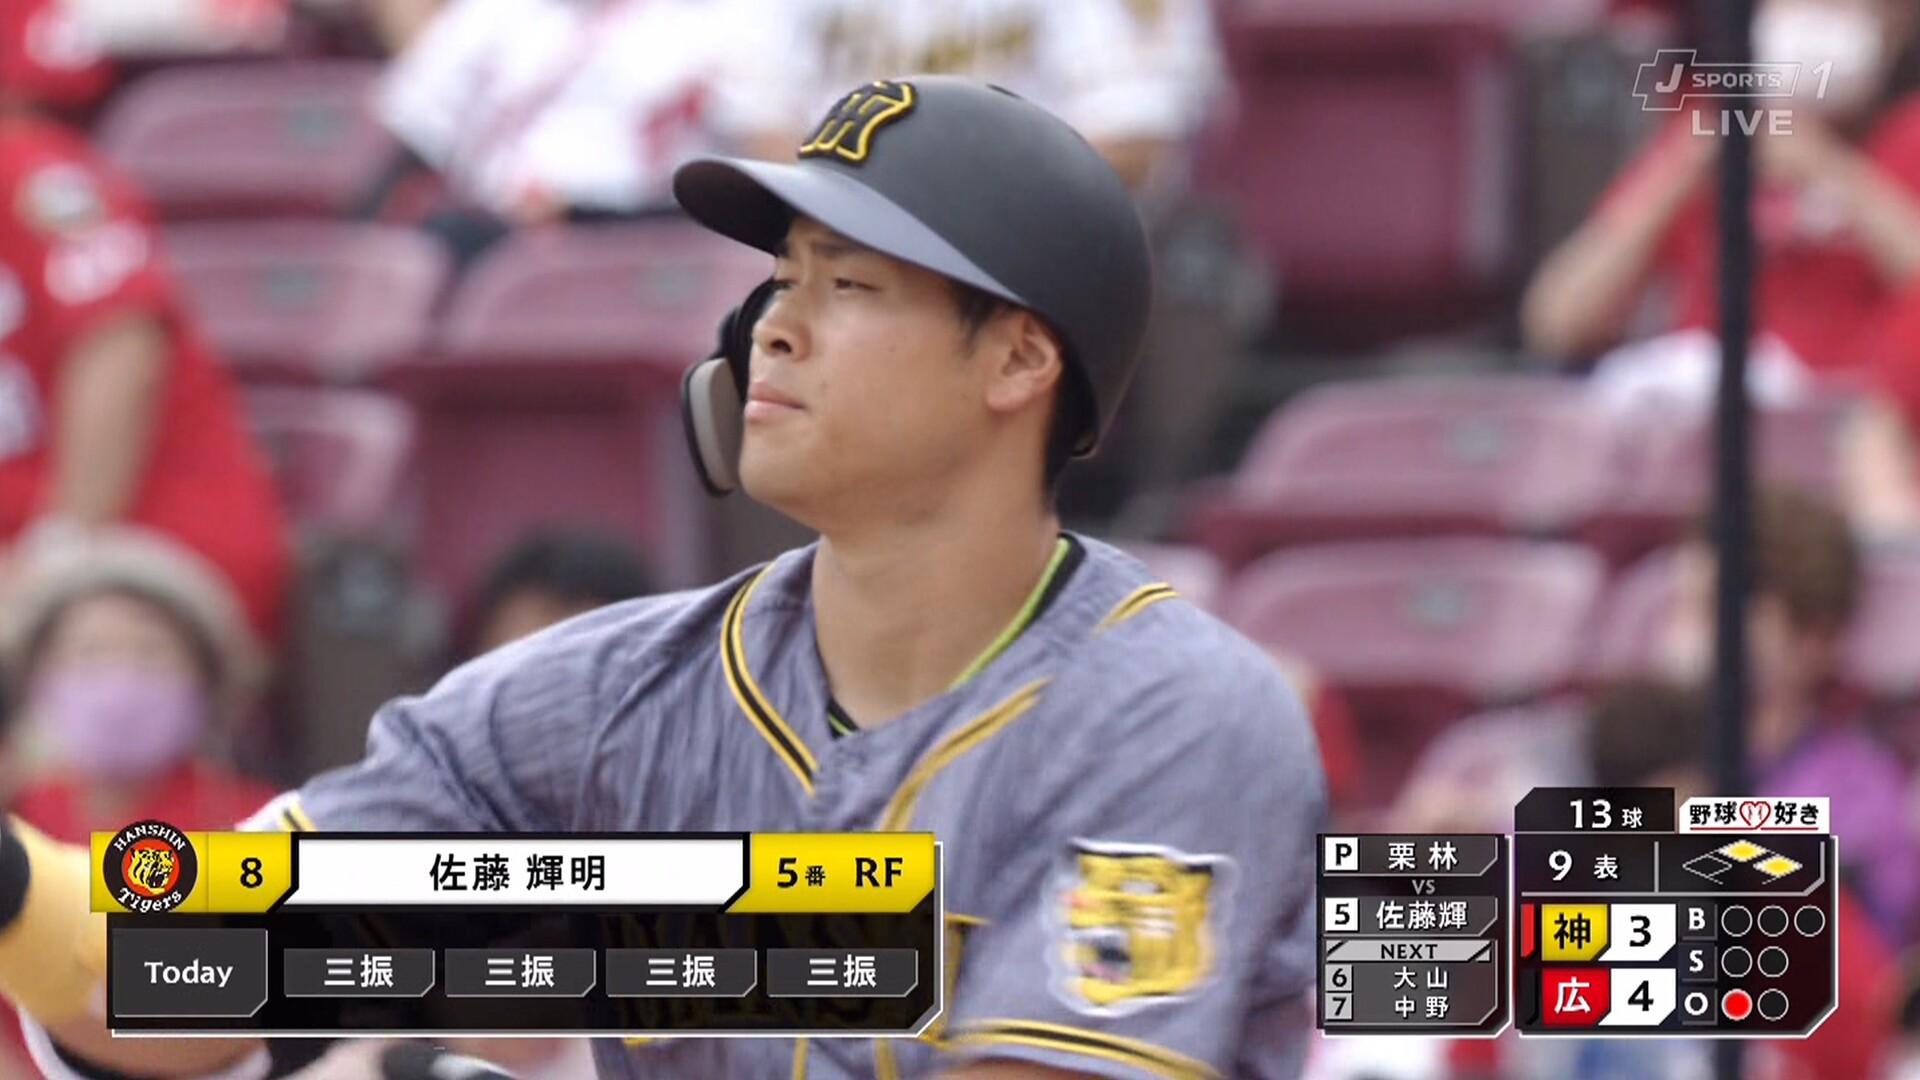 佐藤輝明、1試合5三振wwwww